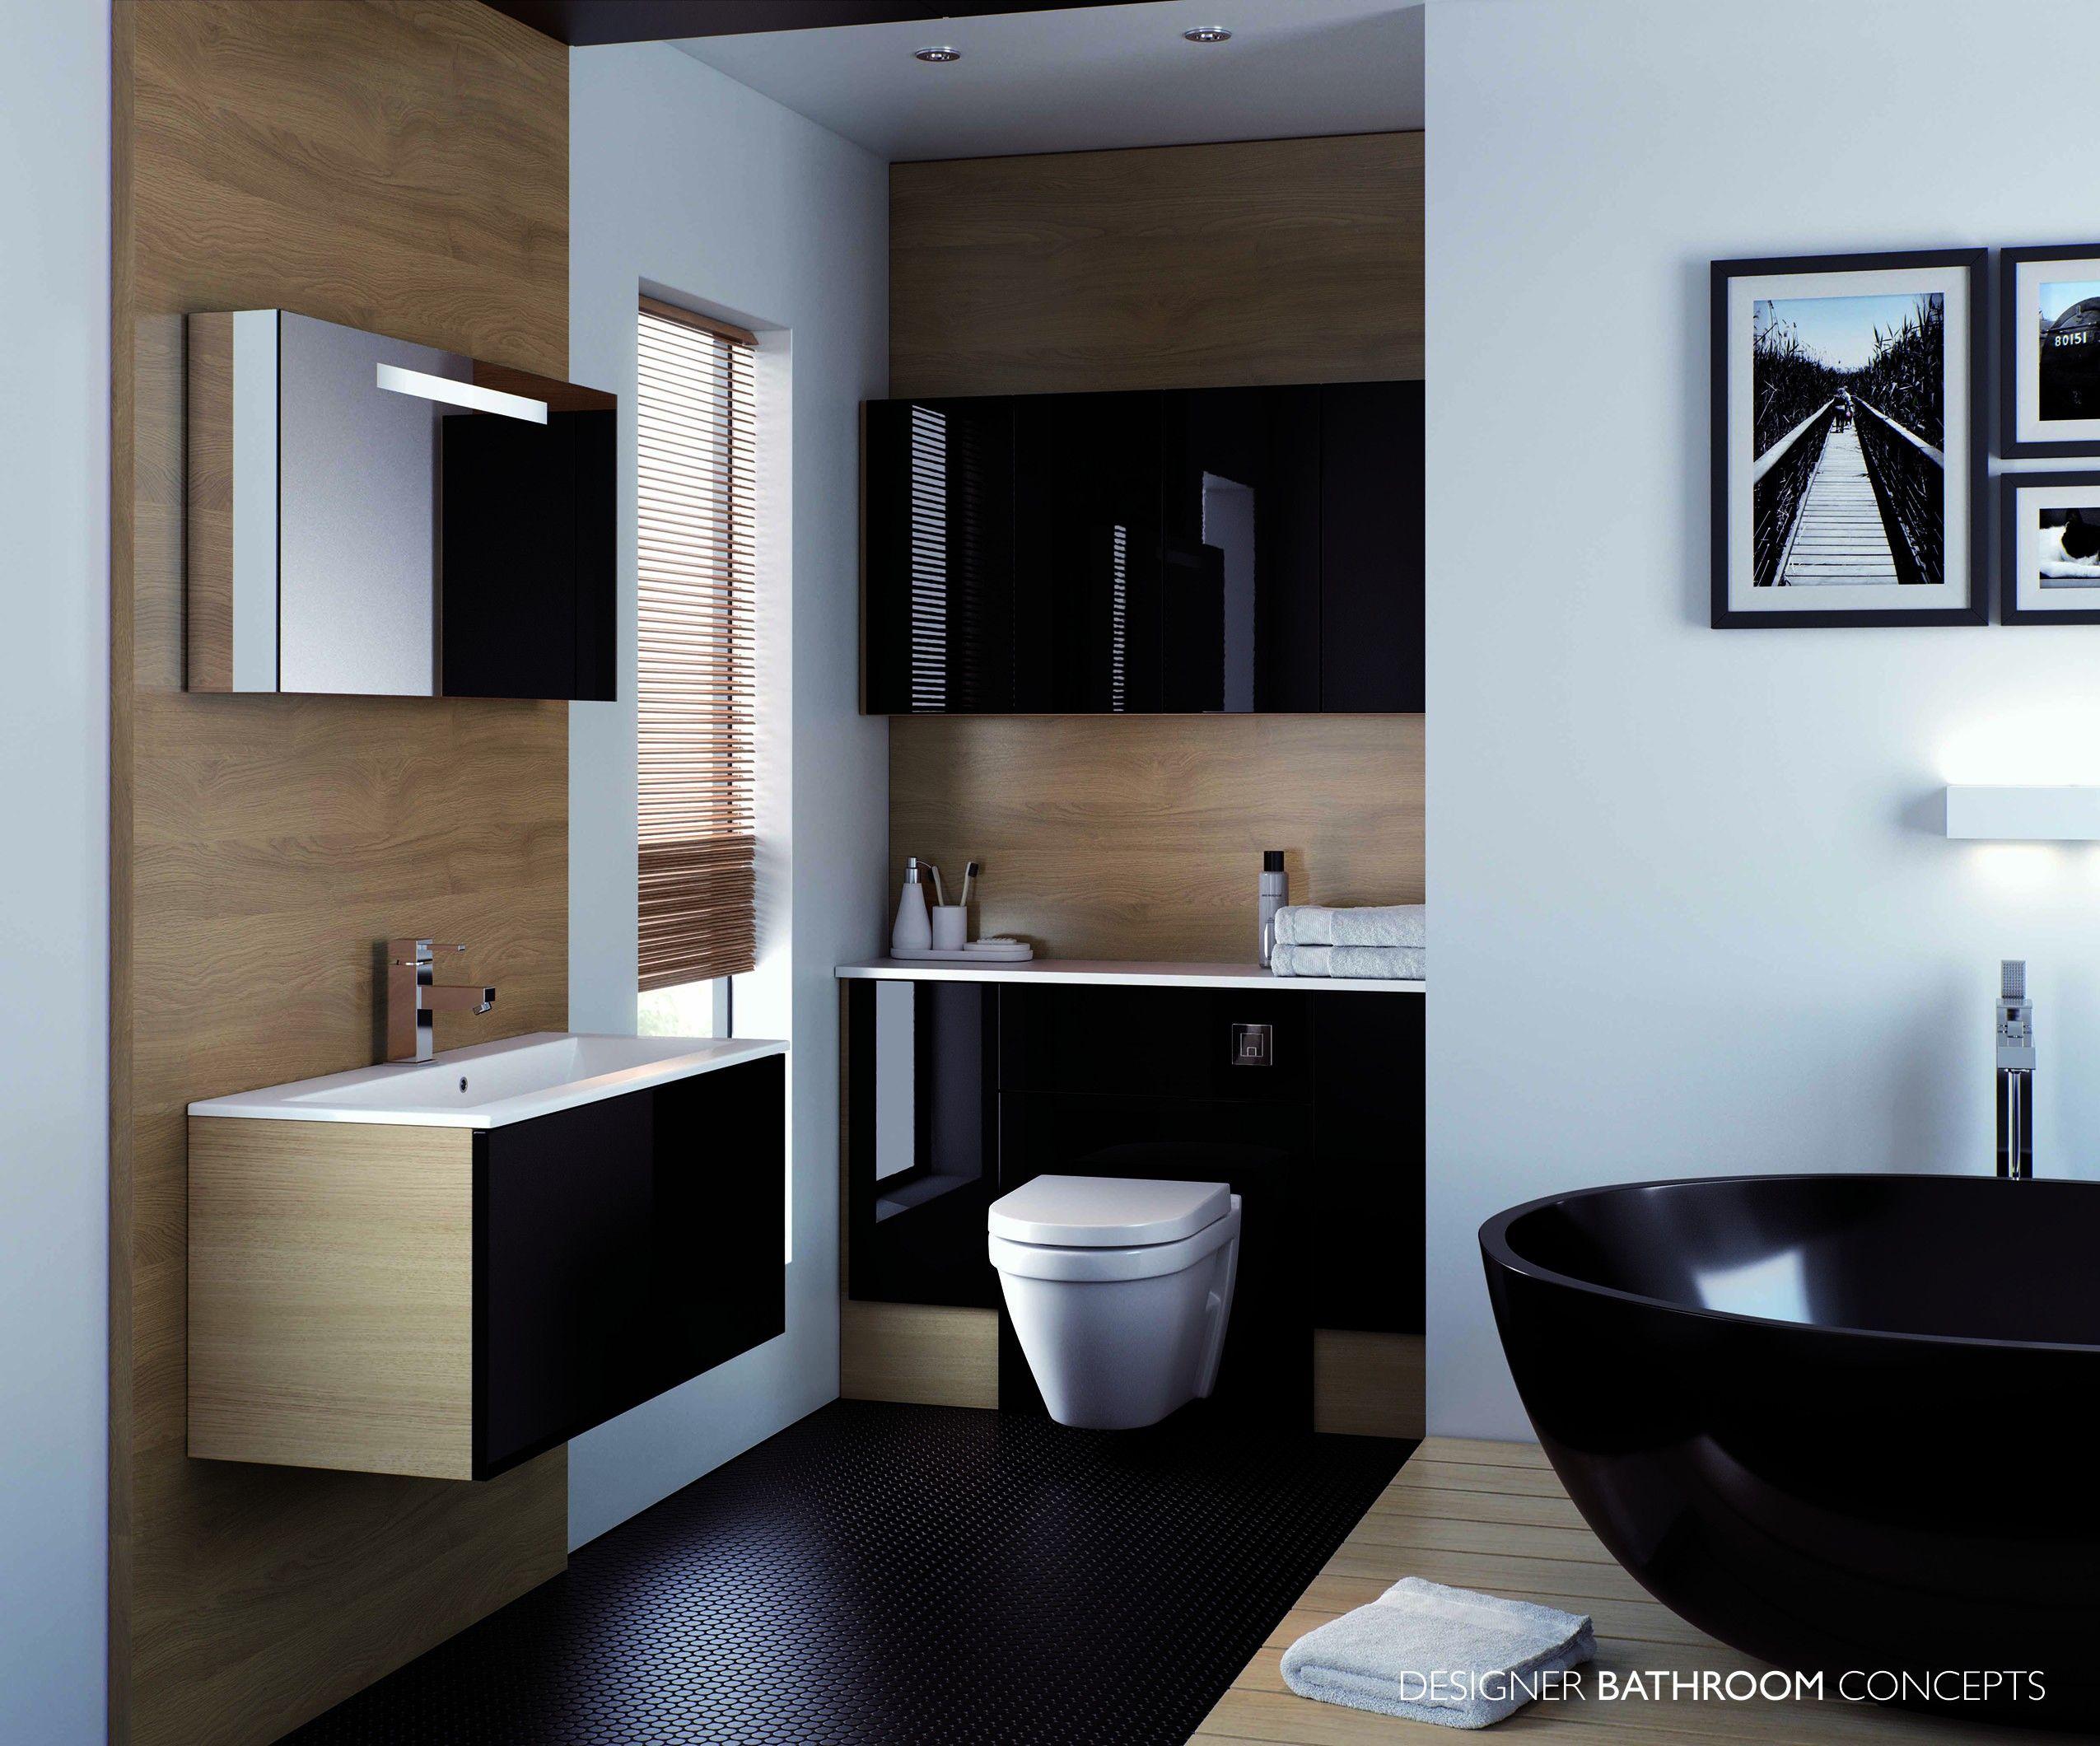 Designer Bathroom Concepts Uk